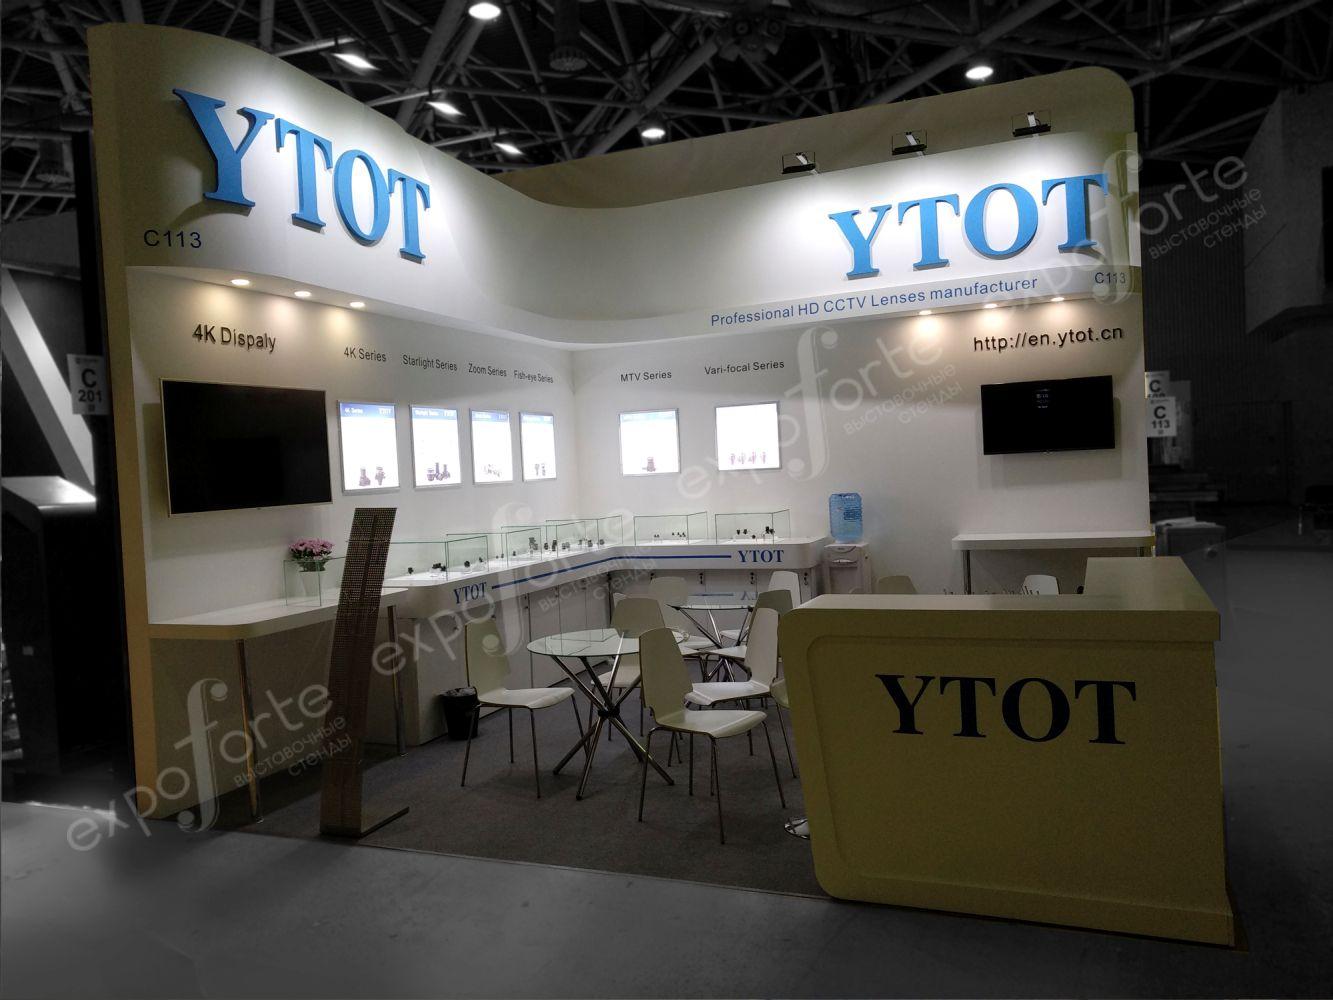 Фото: YTOT, выставка МИПС – картинка 1